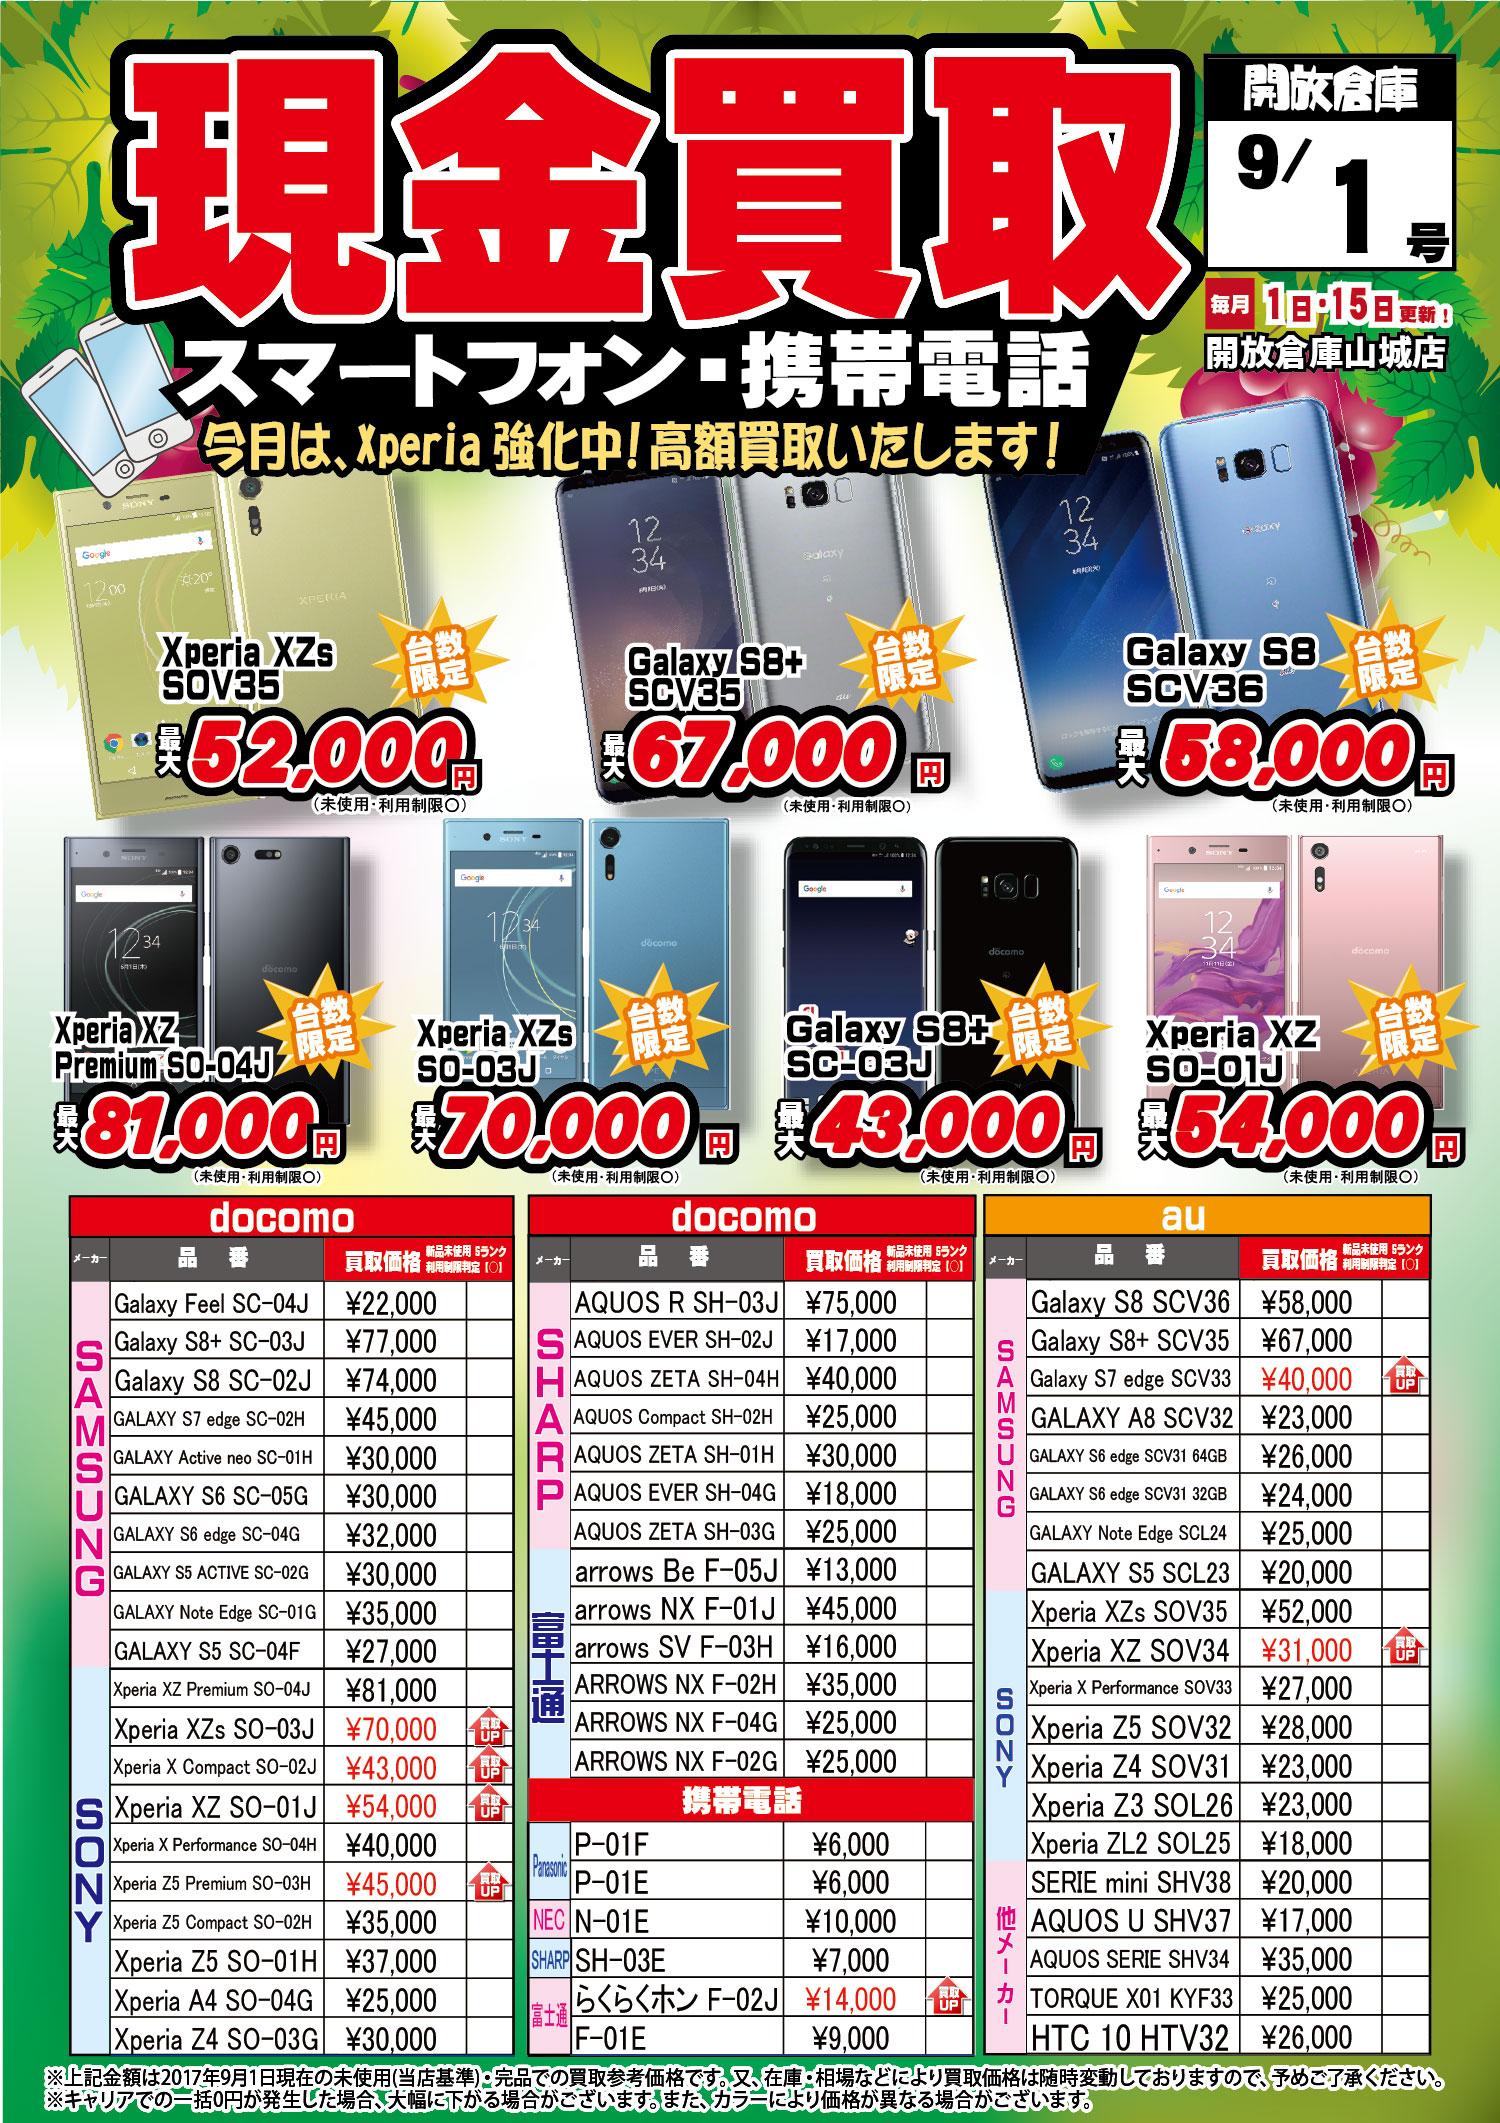 「開放倉庫山城店」2017年9/1号<現金買取>スマートフォン・携帯電話!今月は、Xperia強化中!高額買取いたします!